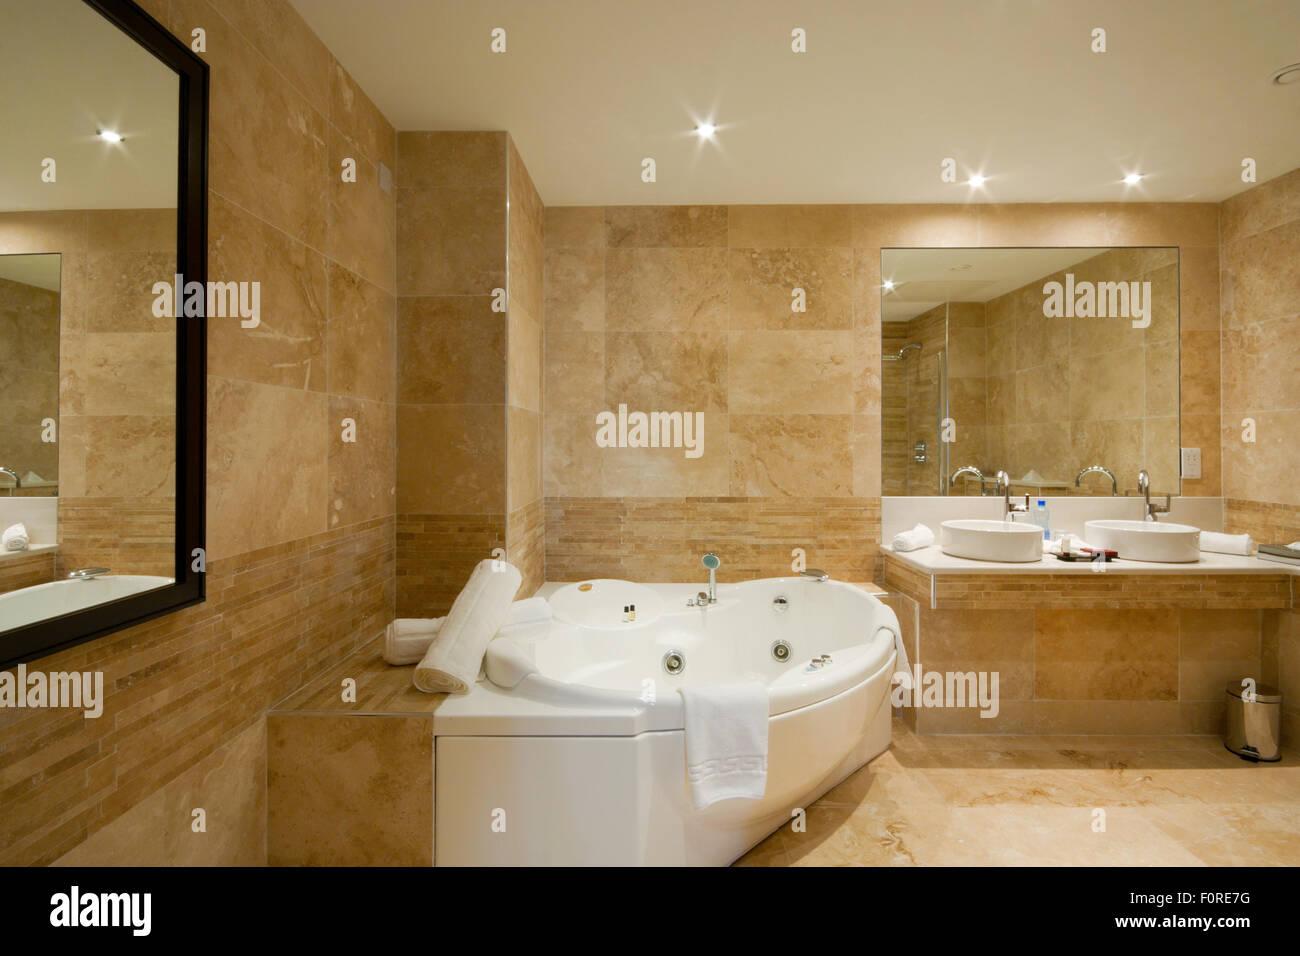 Moderno bagno interno con piastrelle di marmo e specchio foto